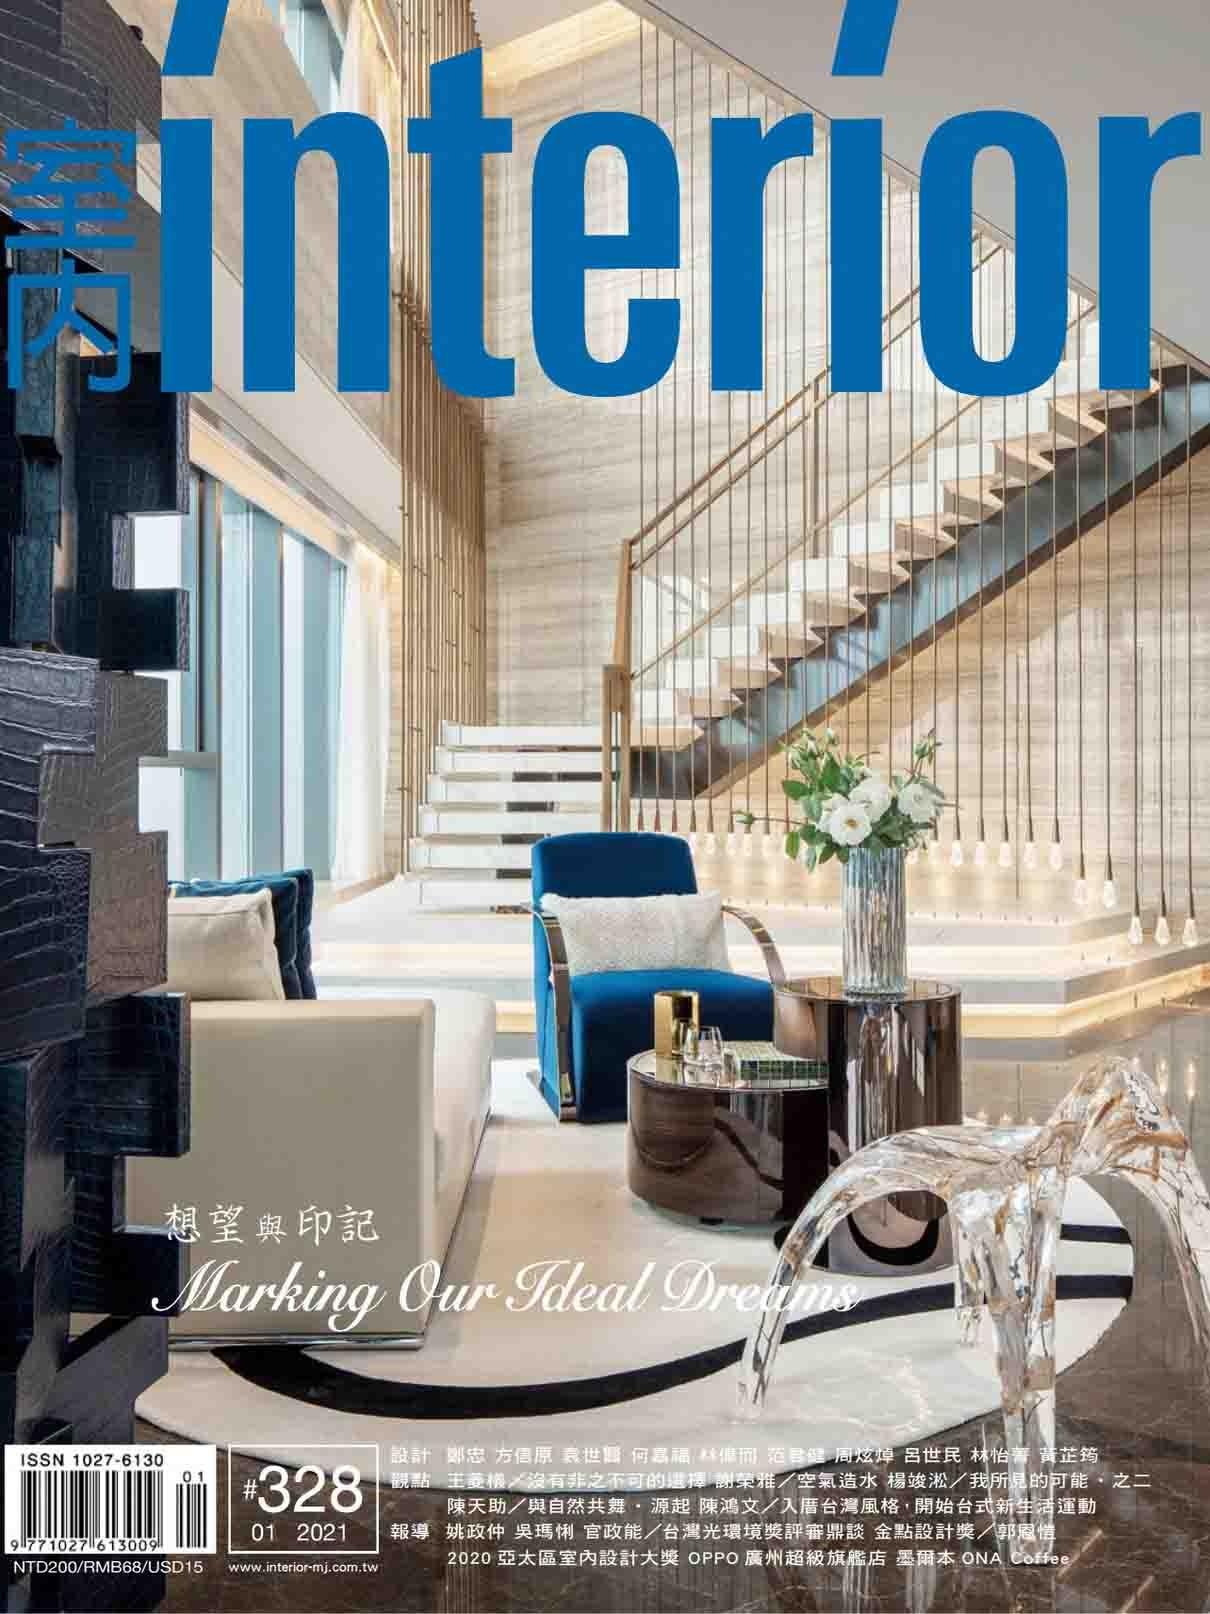 《室内Interior》台湾版室内时尚家居杂志2021年01月号